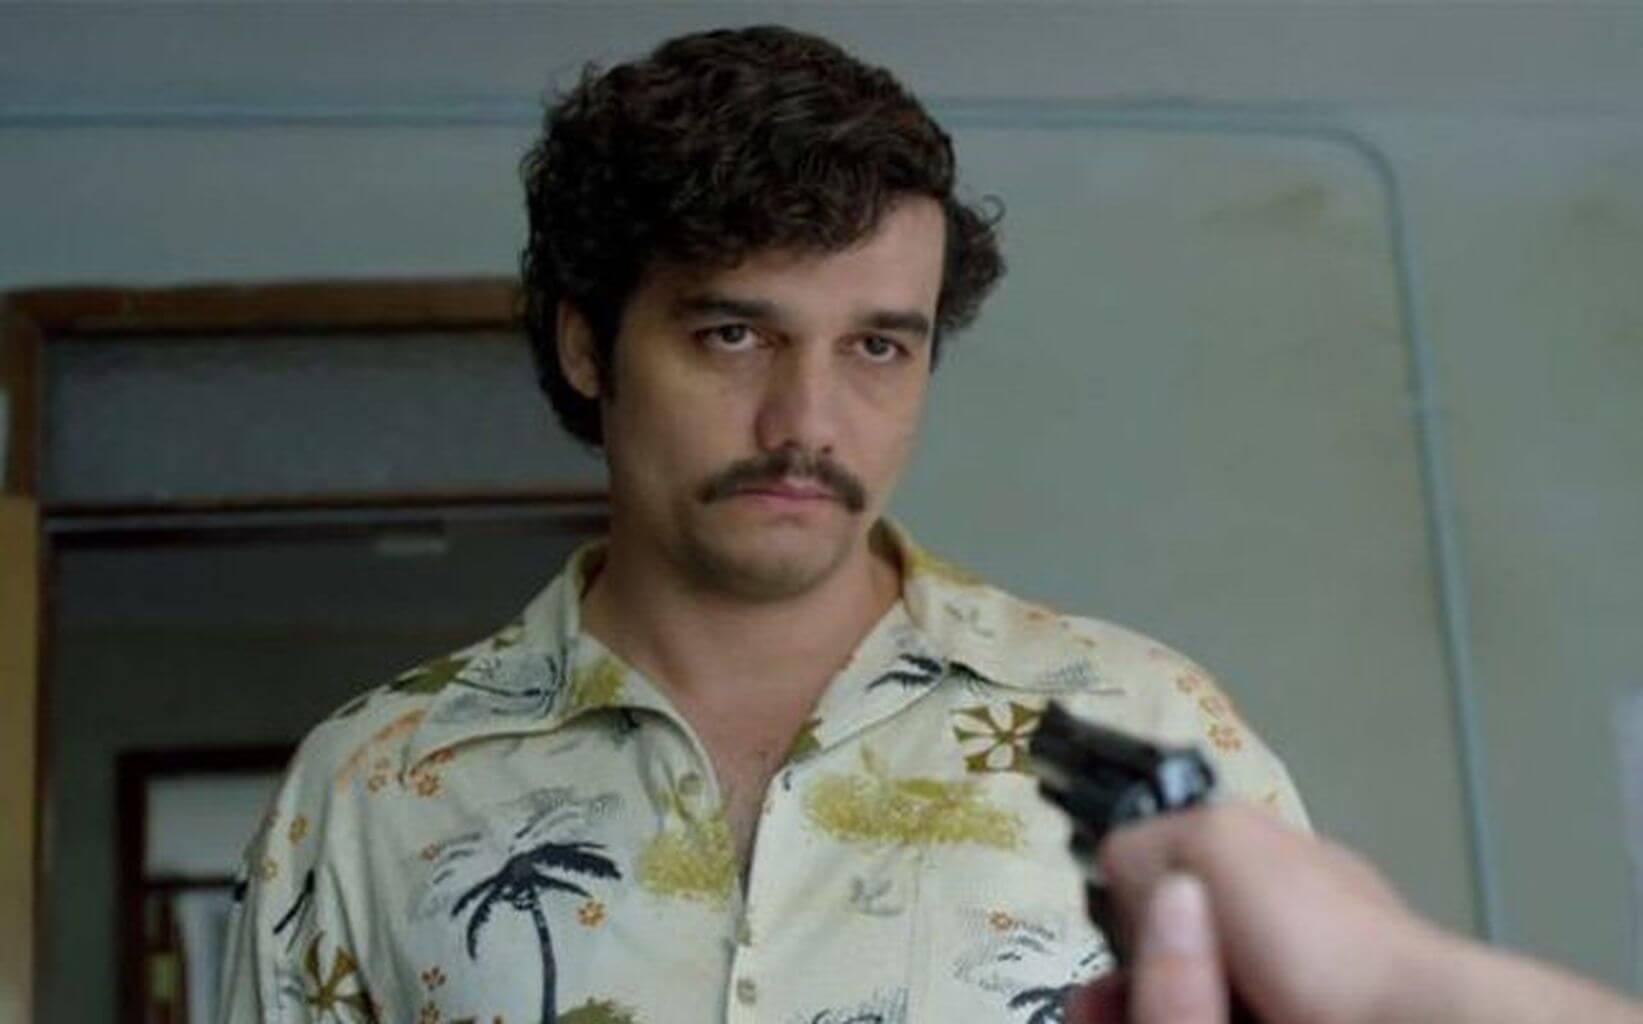 Wagner moura será diplomata da onu em novo filme da netflix. Ator interpretará sérgio vieira de mello, diplomata brasileiro que foi morto em um atentado em 2003.